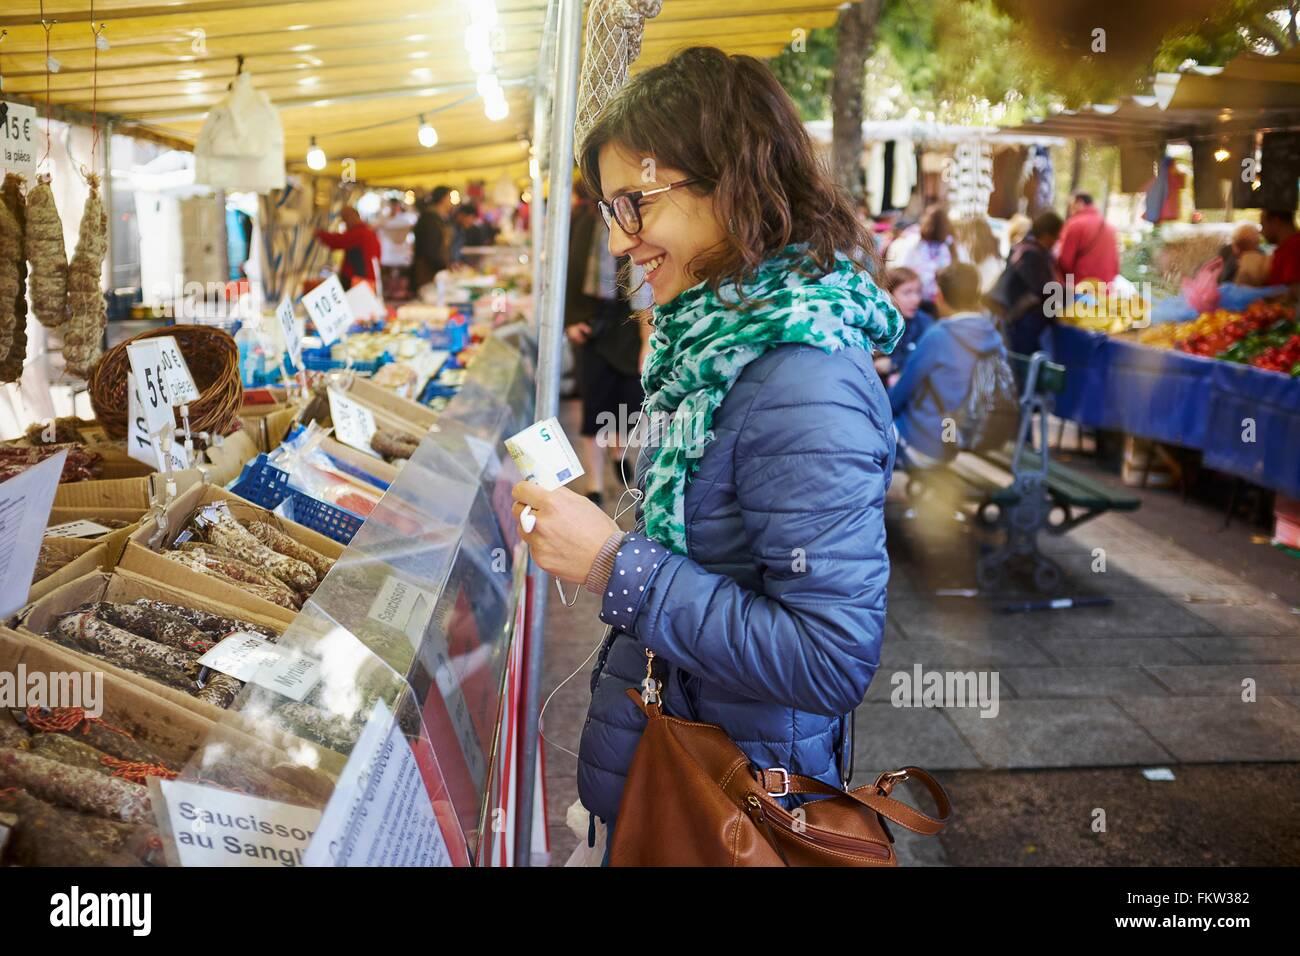 Giovane donna l'acquisto di alimenti freschi al mercato in stallo Immagini Stock